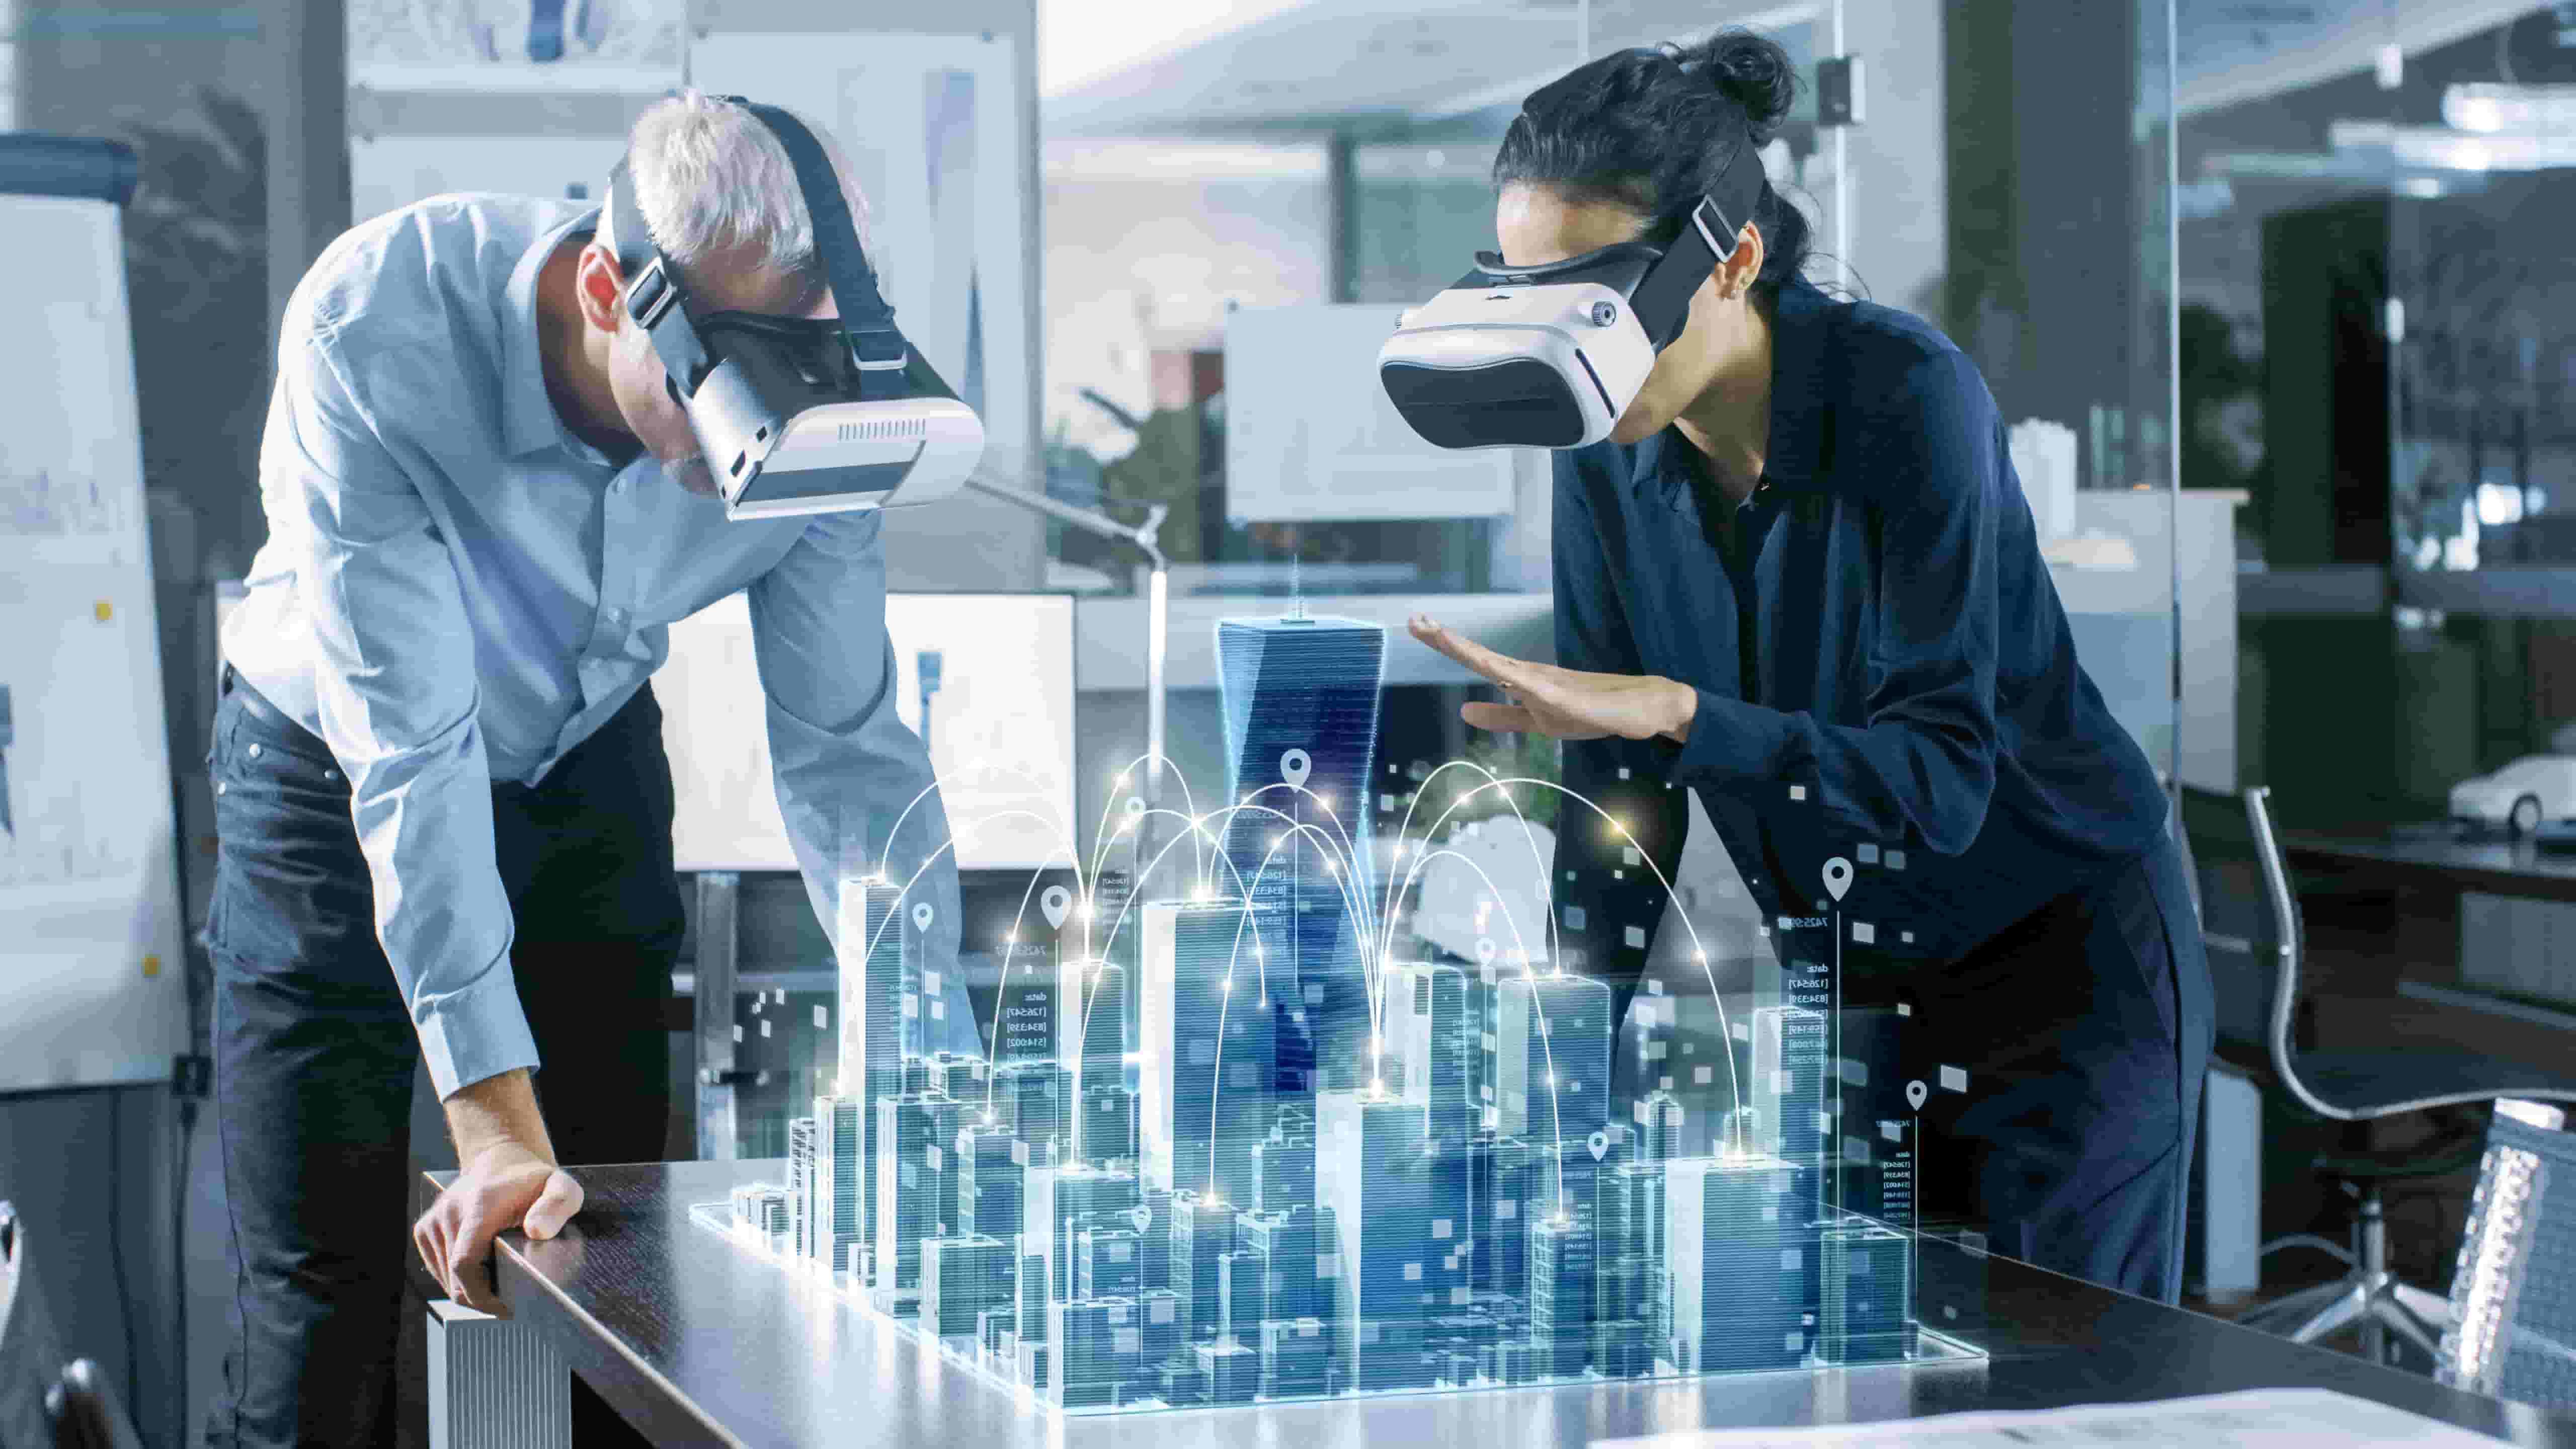 Exampleof virtual reality NCube